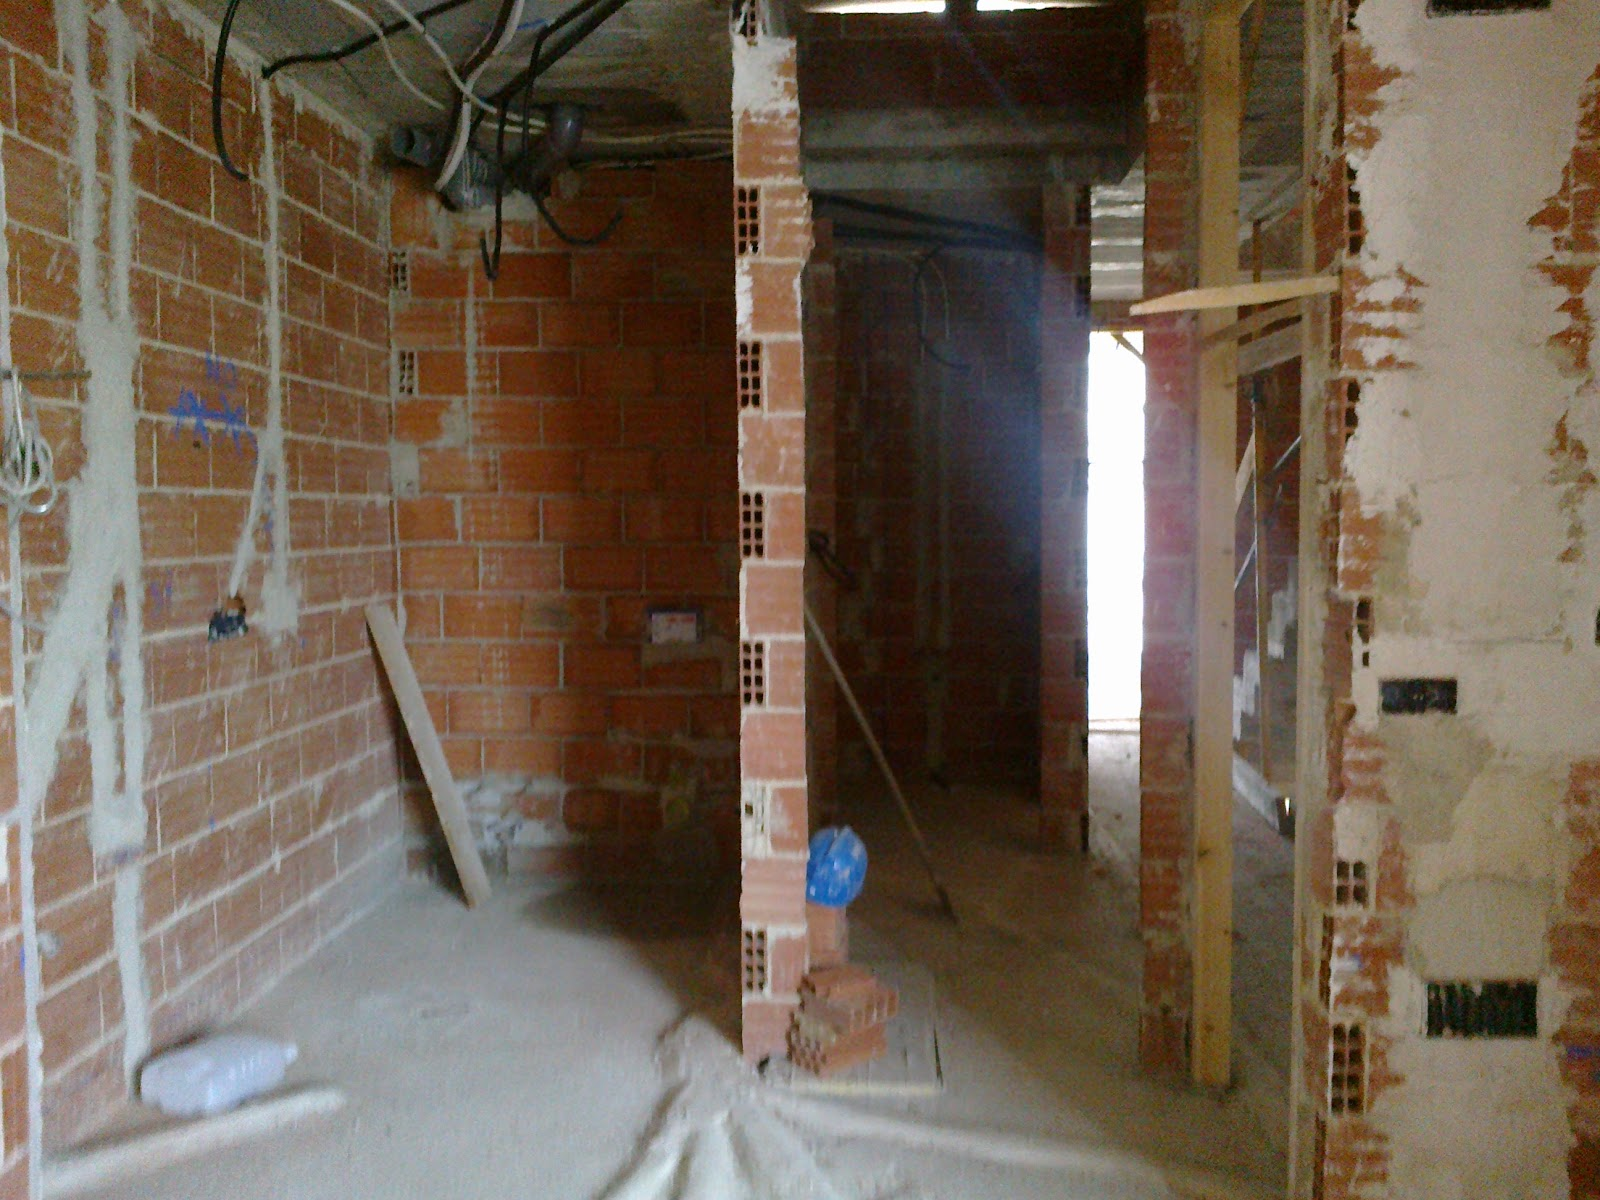 Habitania construcciones y reformas marzo 2013 - Ladrillo ceramico hueco ...